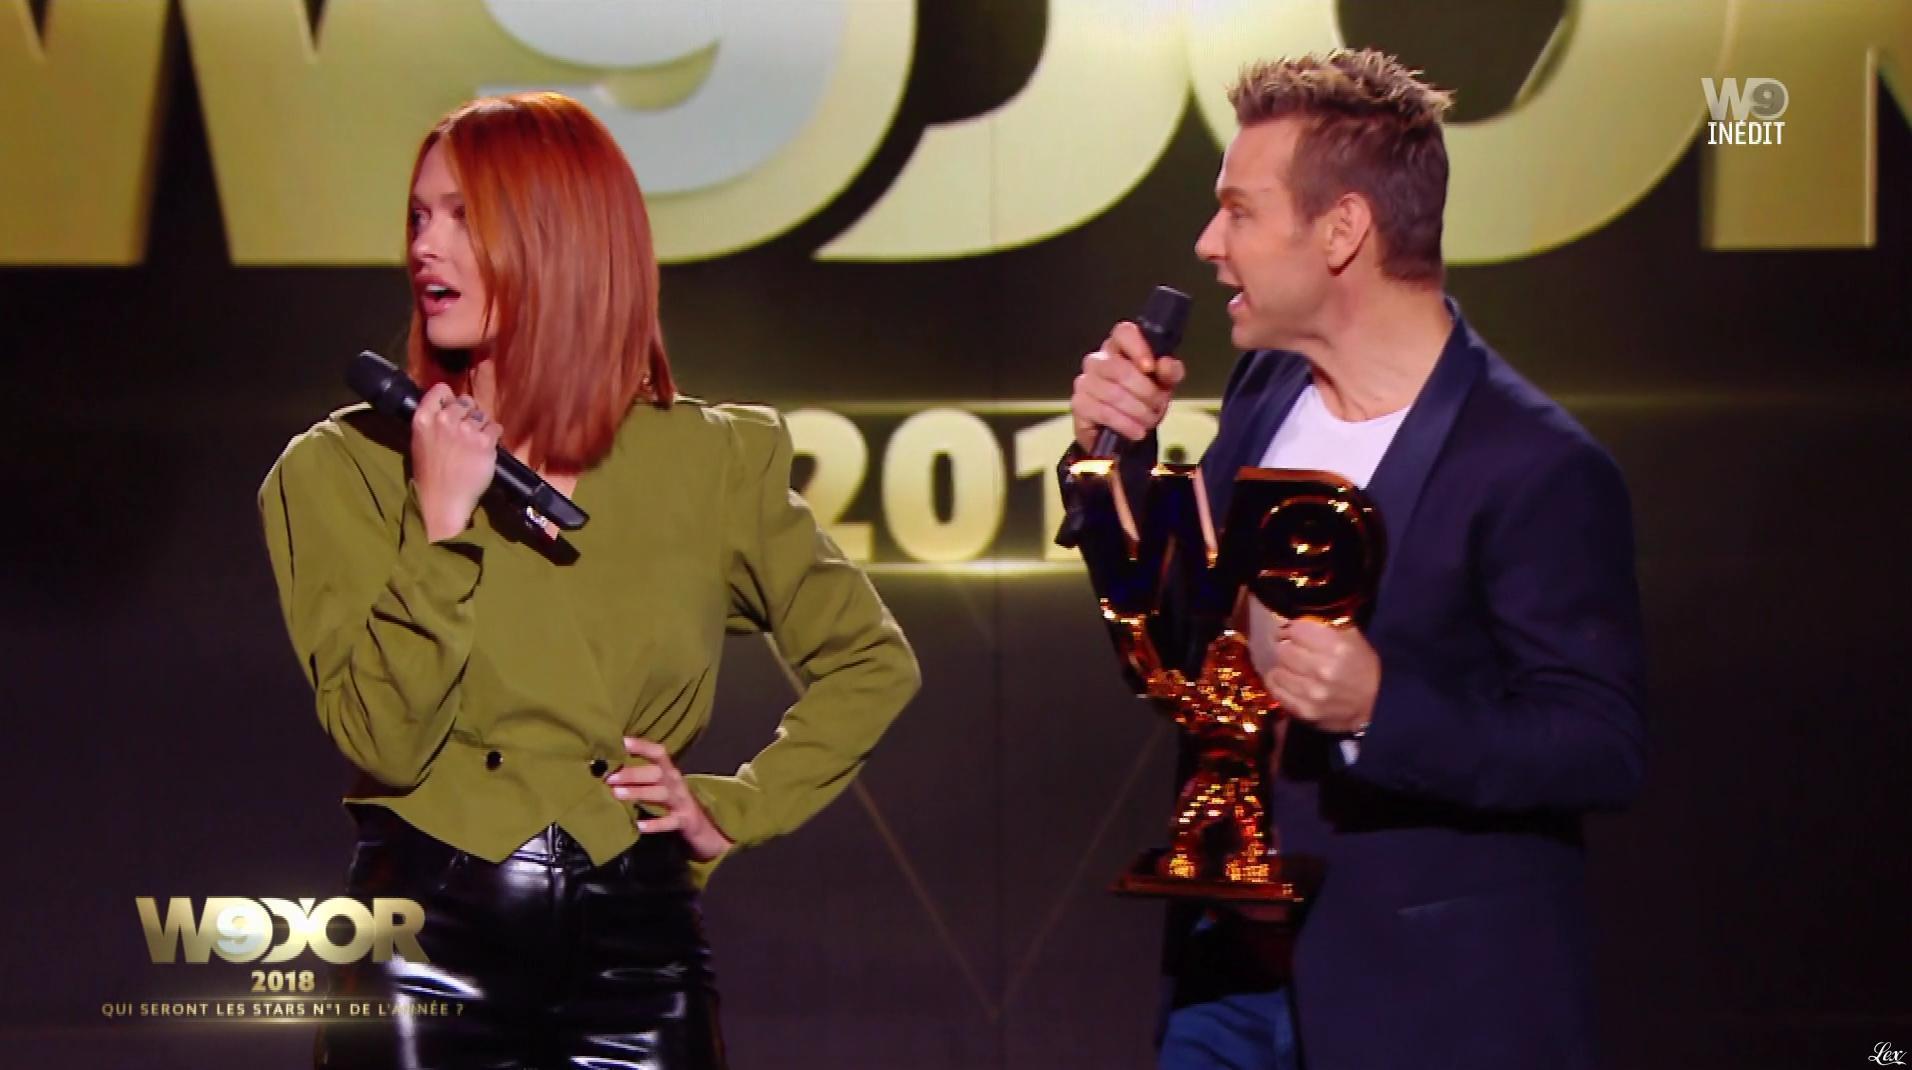 Caroline Receveur lors des W9 d'Or. Diffusé à la télévision le 20/12/18.